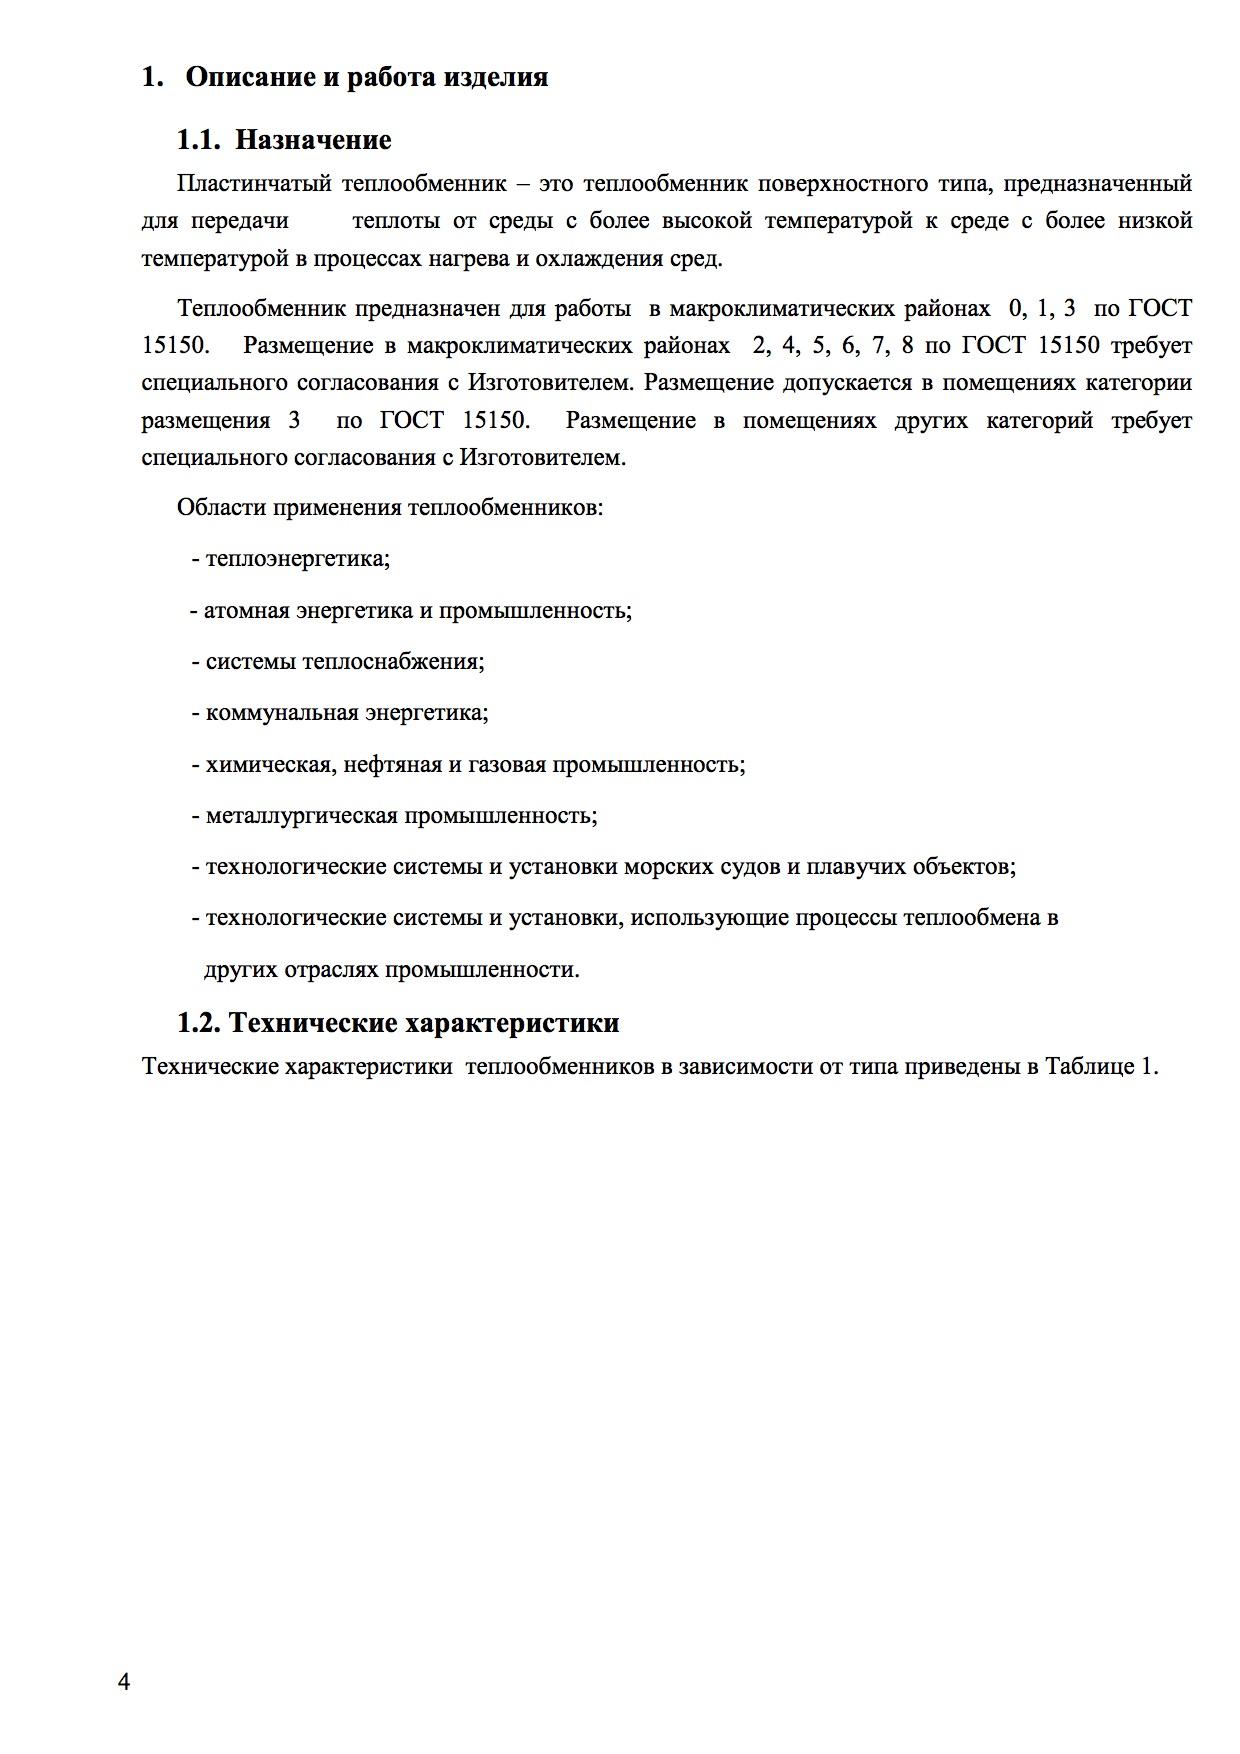 Инструкция эксплуатации теплообменников Подогреватель сетевой воды ПСВ 500 3-23 Чита